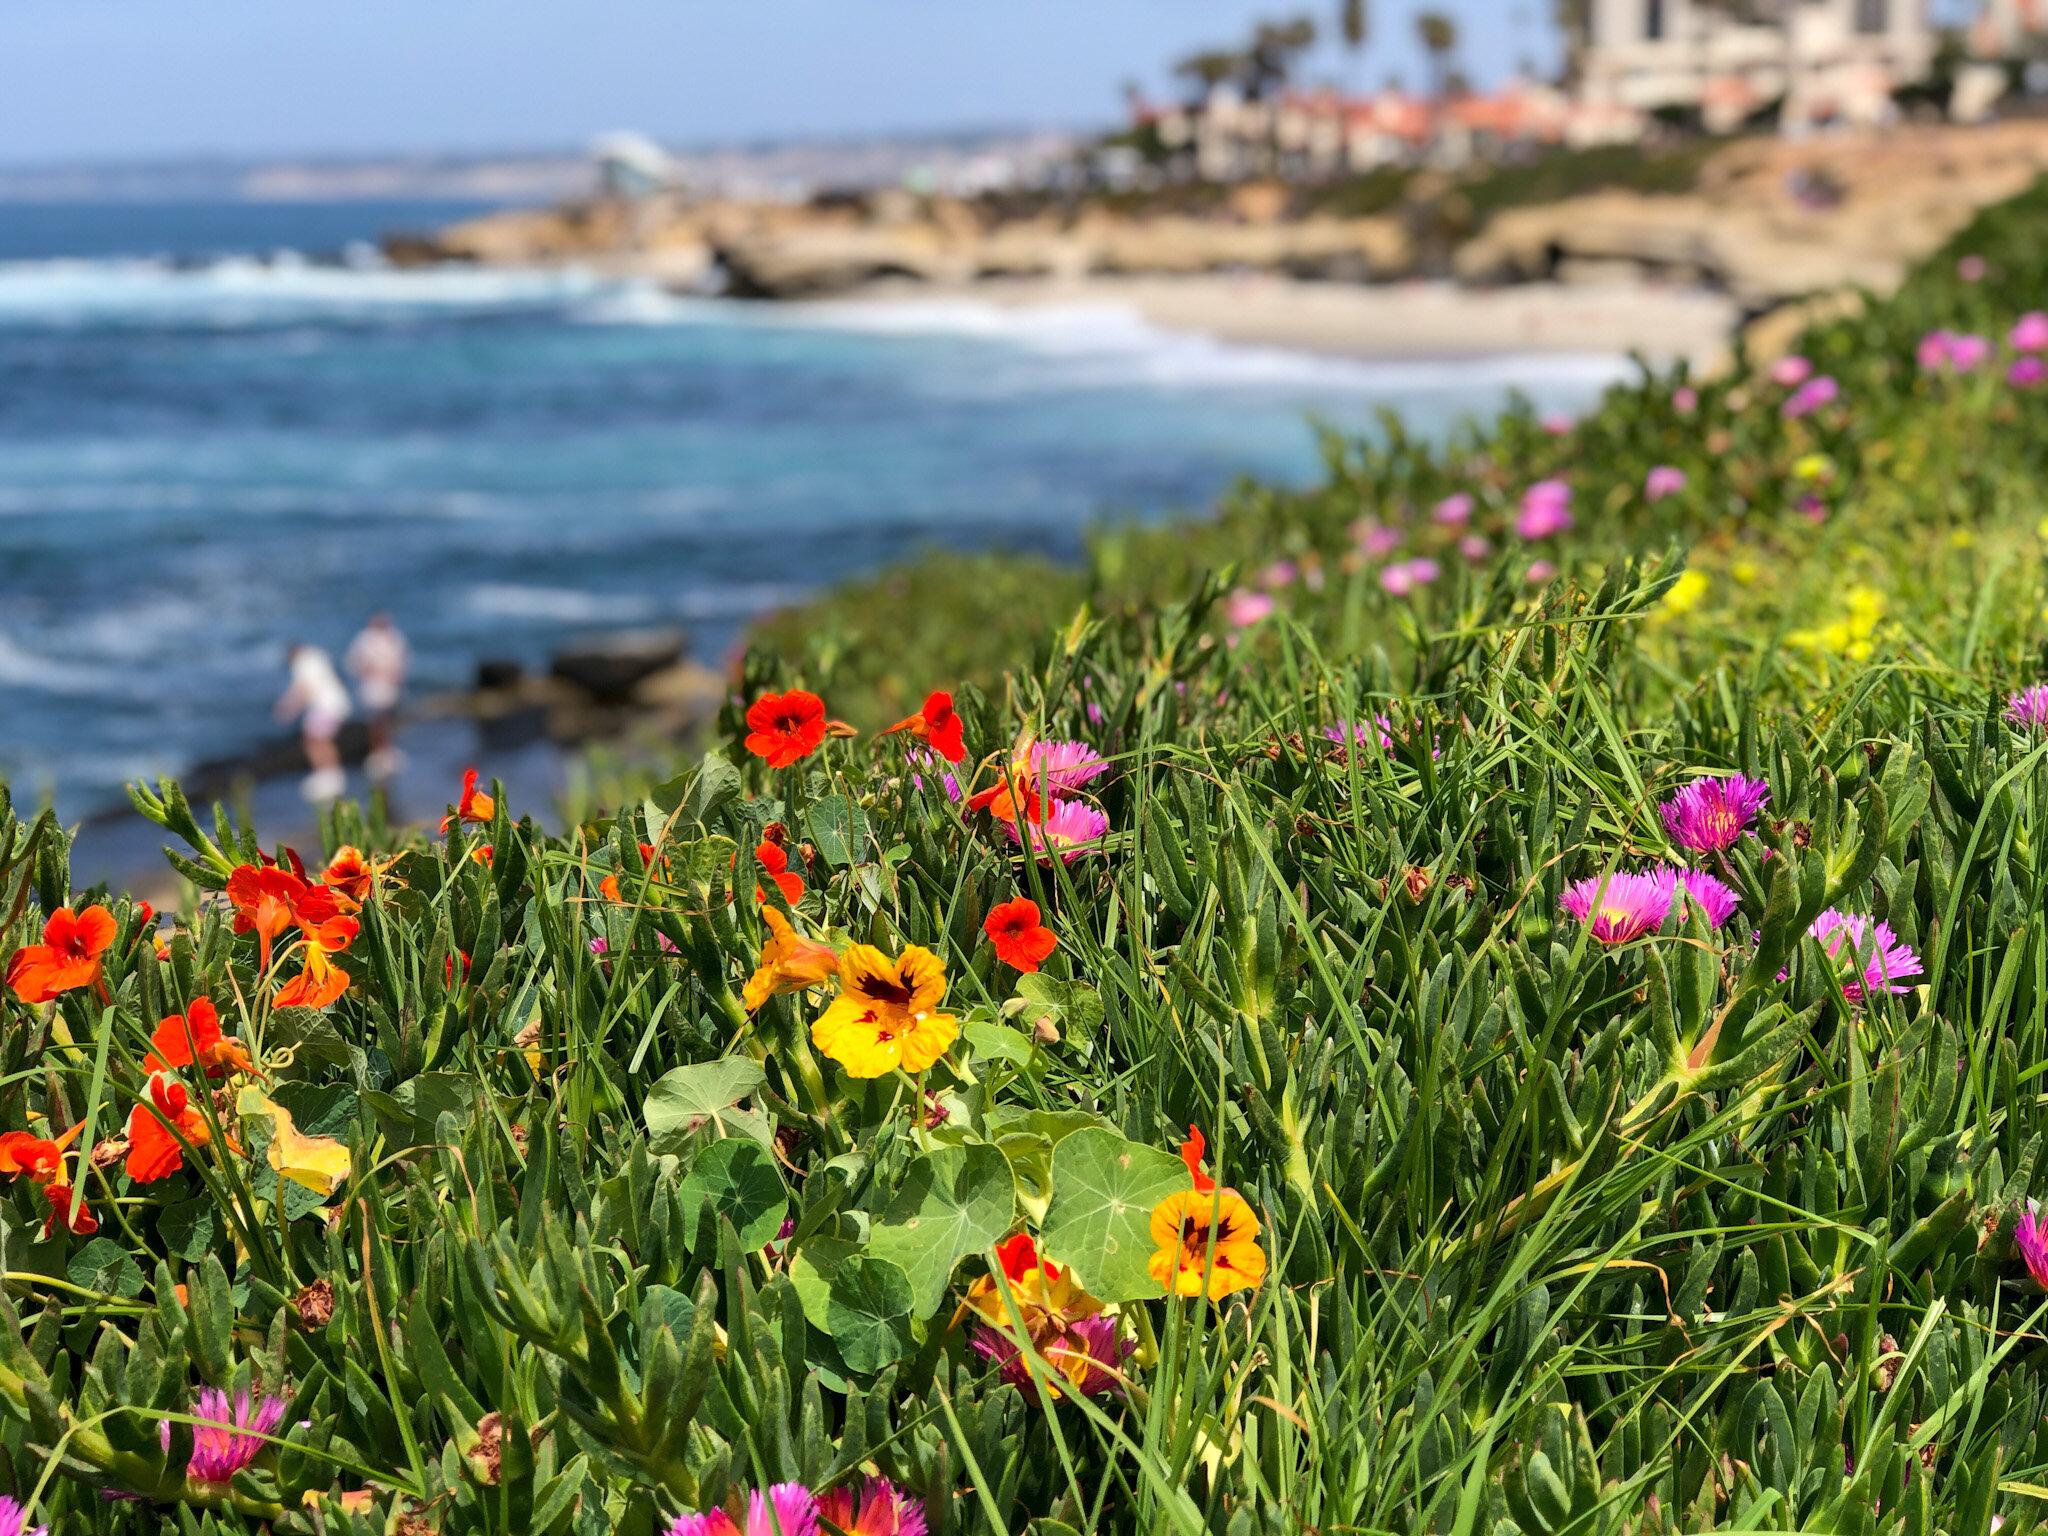 La Jolla beaches are just a short walk from the Grande Colonial La Jolla Hotel